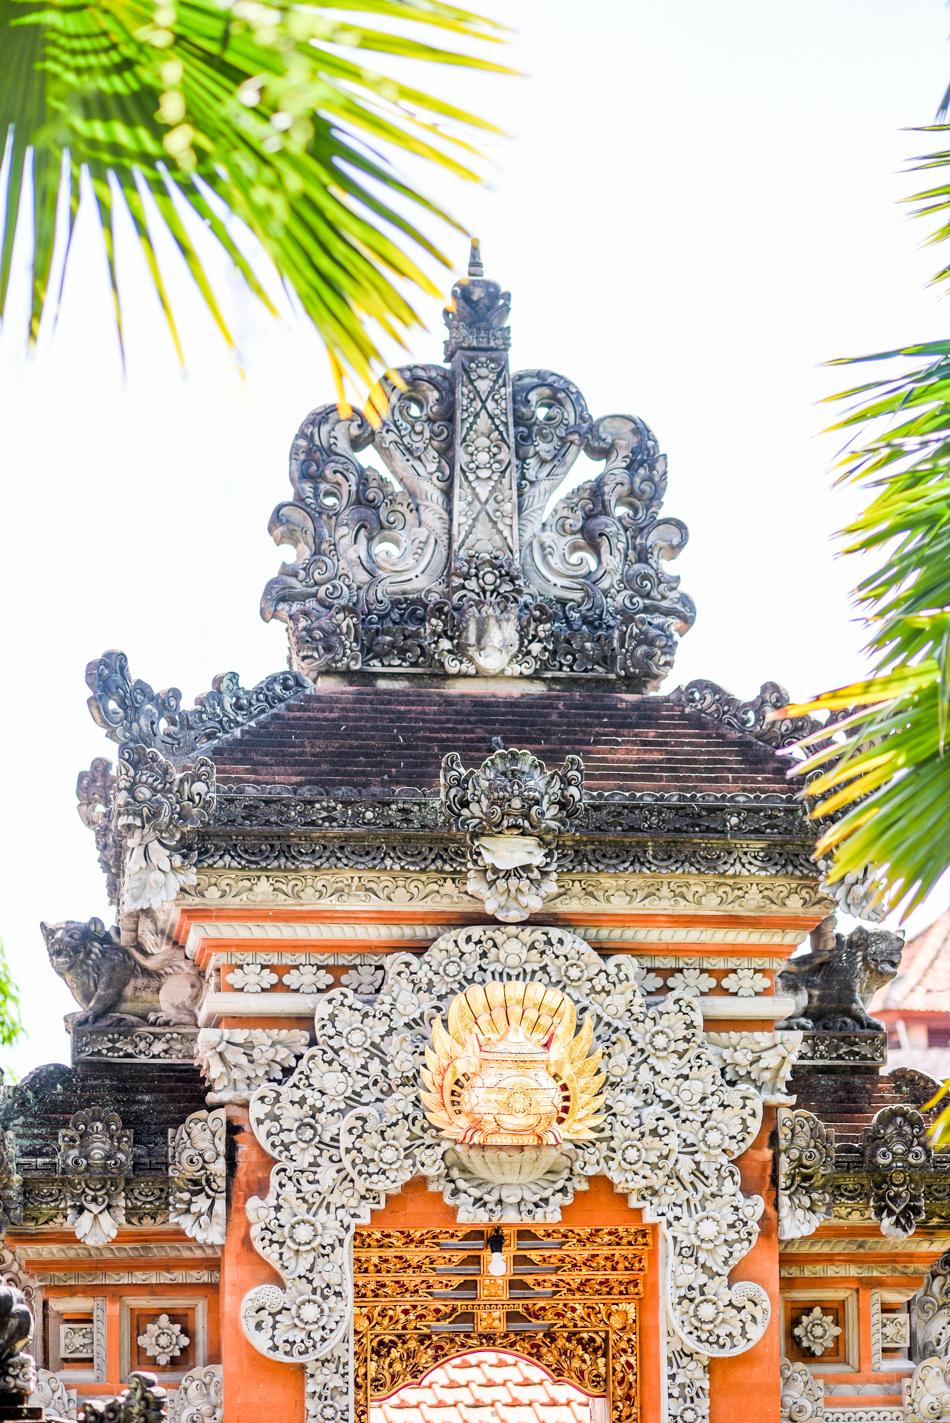 Bali-Honeymoon-Travel-AnaisStoelen-10.jpg